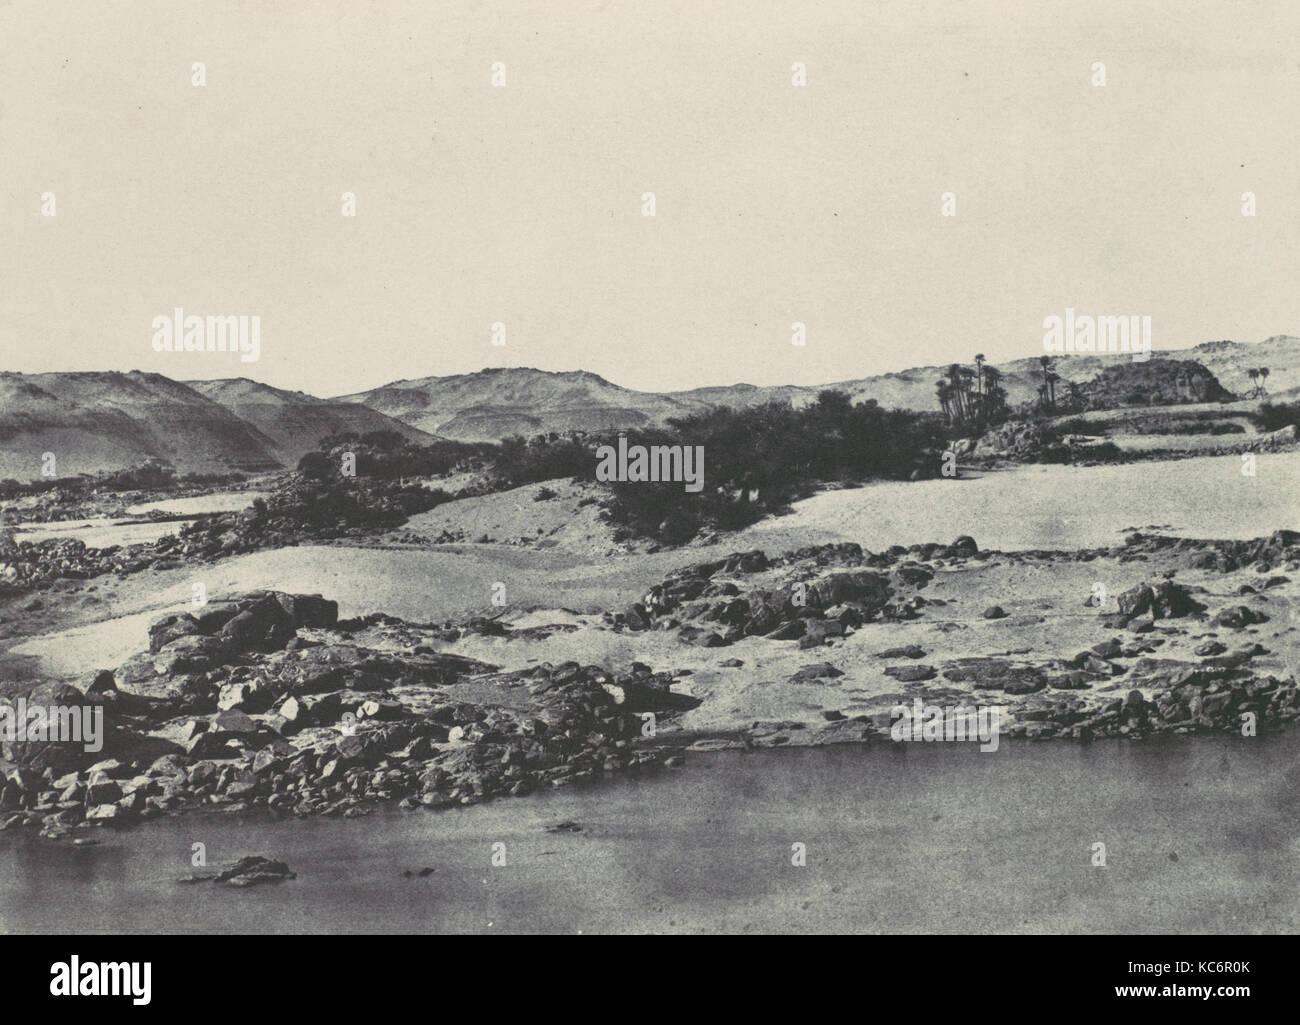 Haute-Égypte. Entrée de la première Cataracte, Maxime Du Camp, 1850 - Stock Image